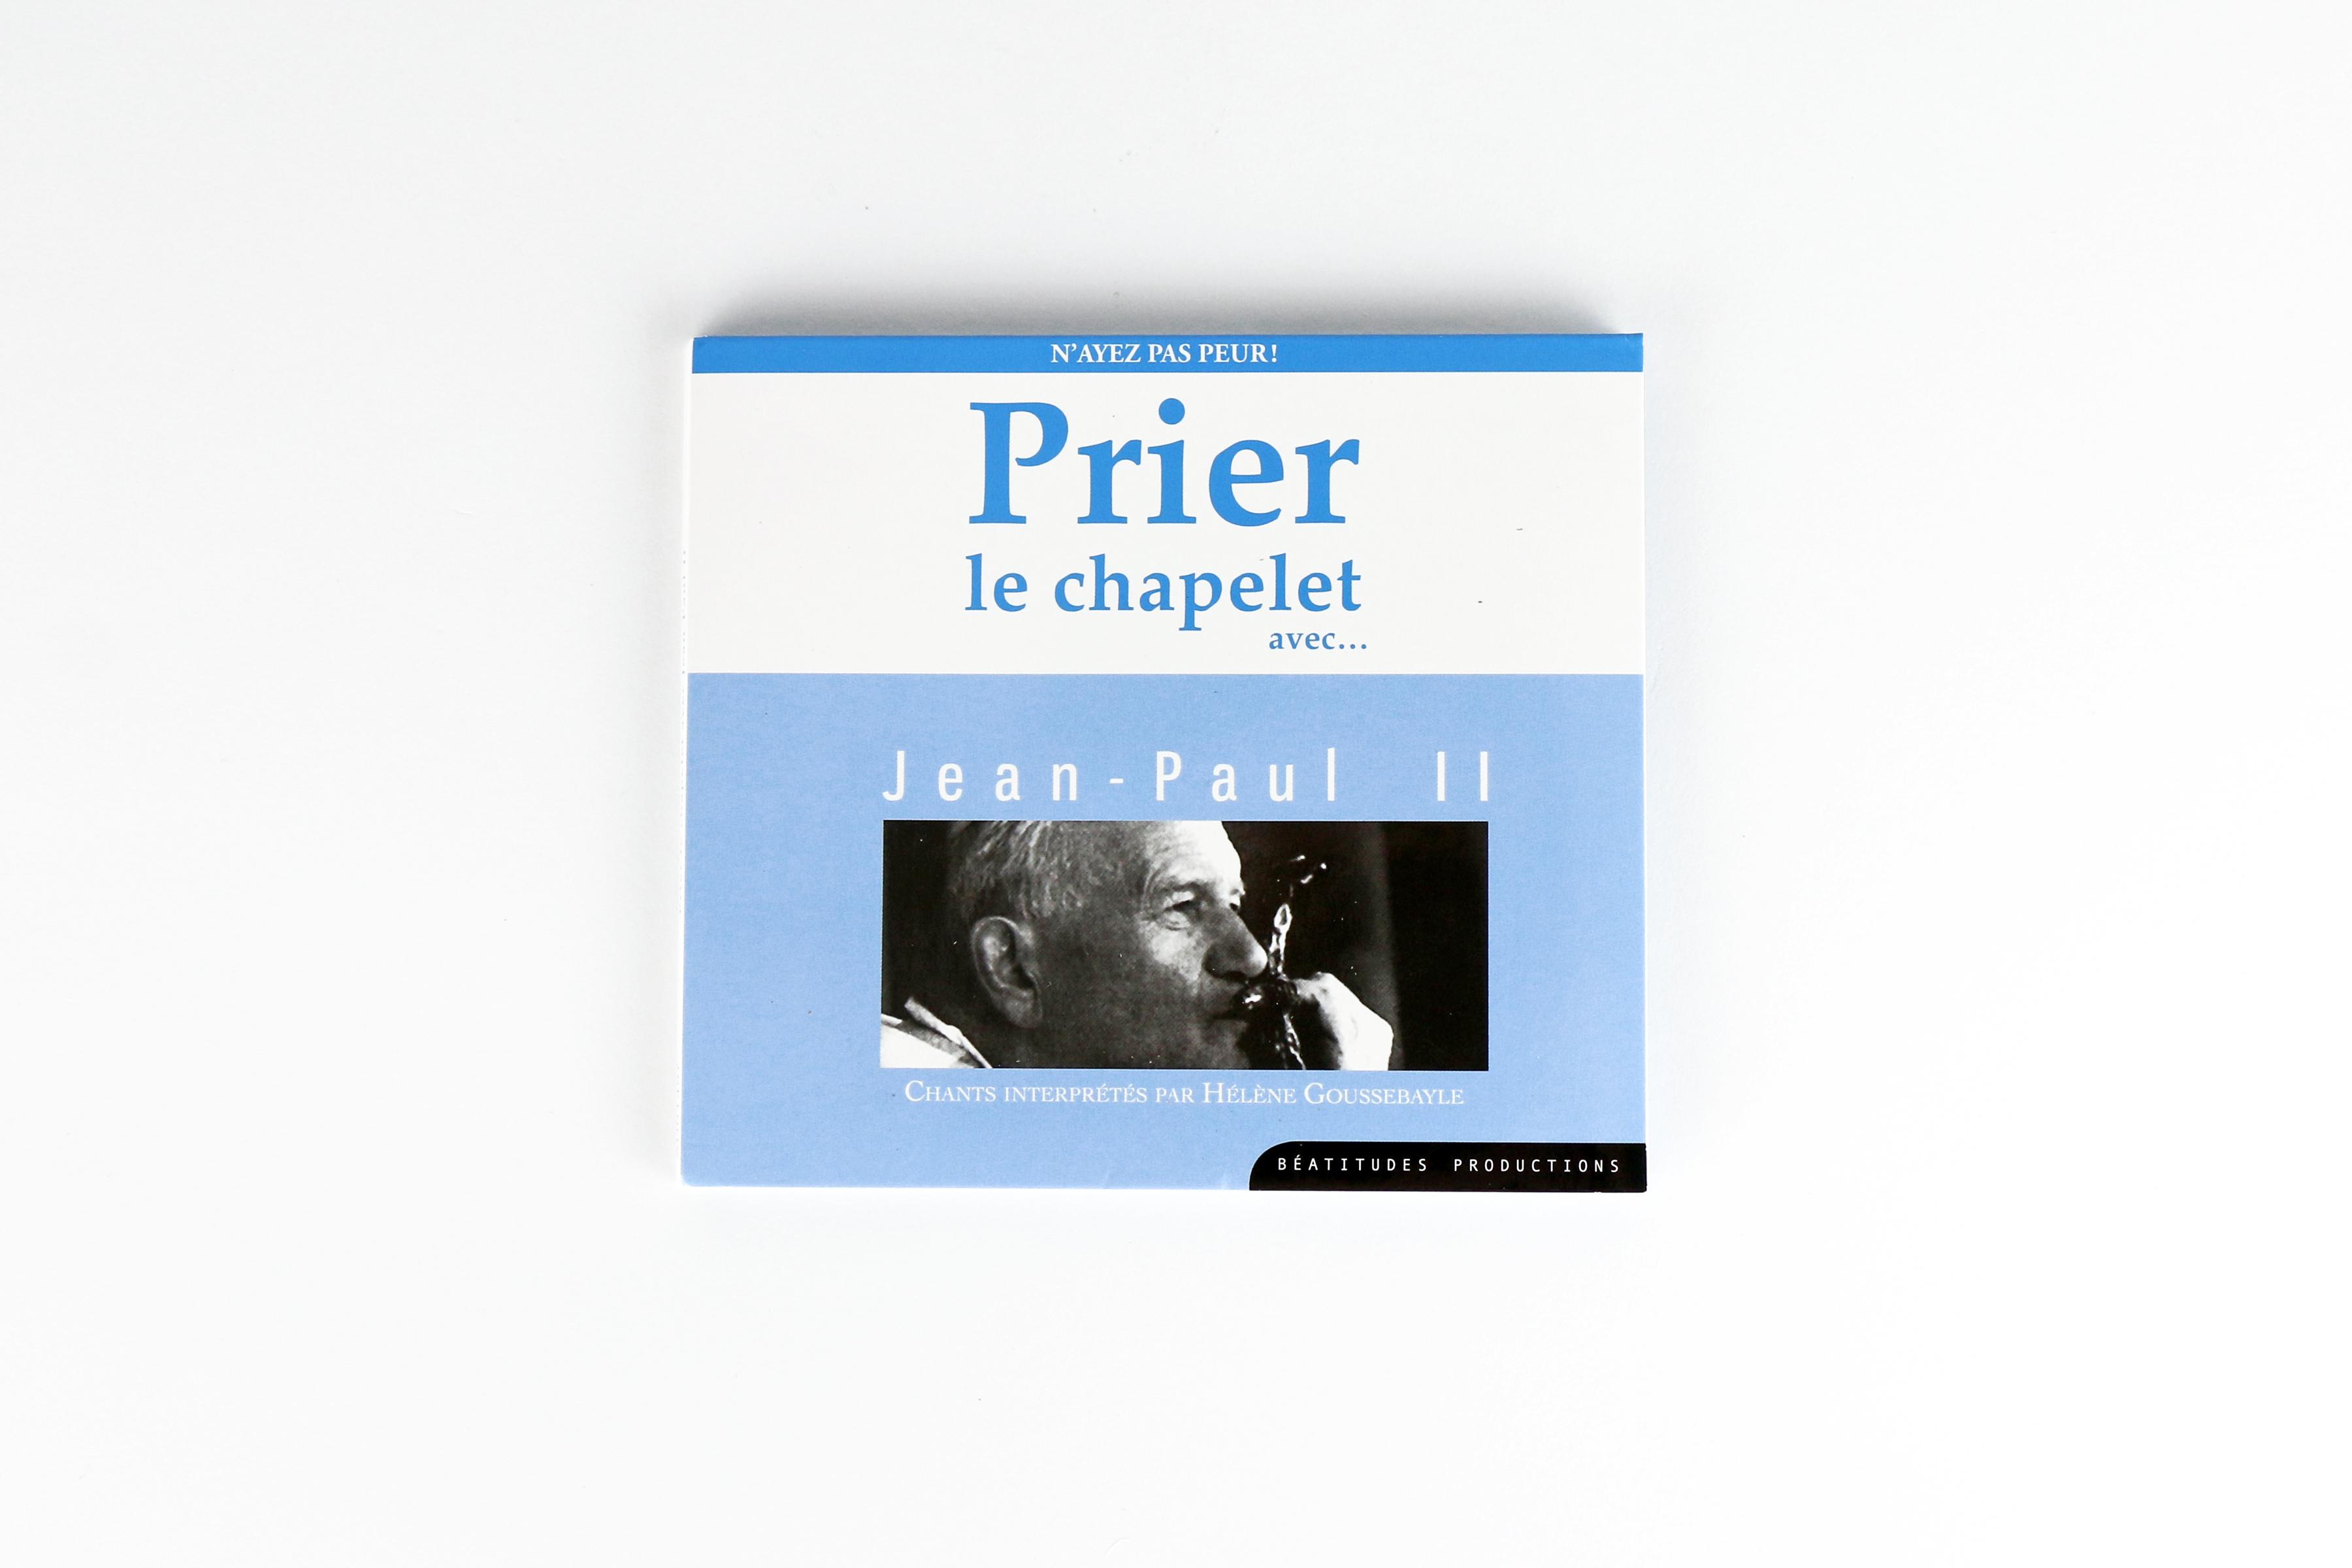 oratoire-st-joseph-cd-prier-chapelet-jean-paul-2